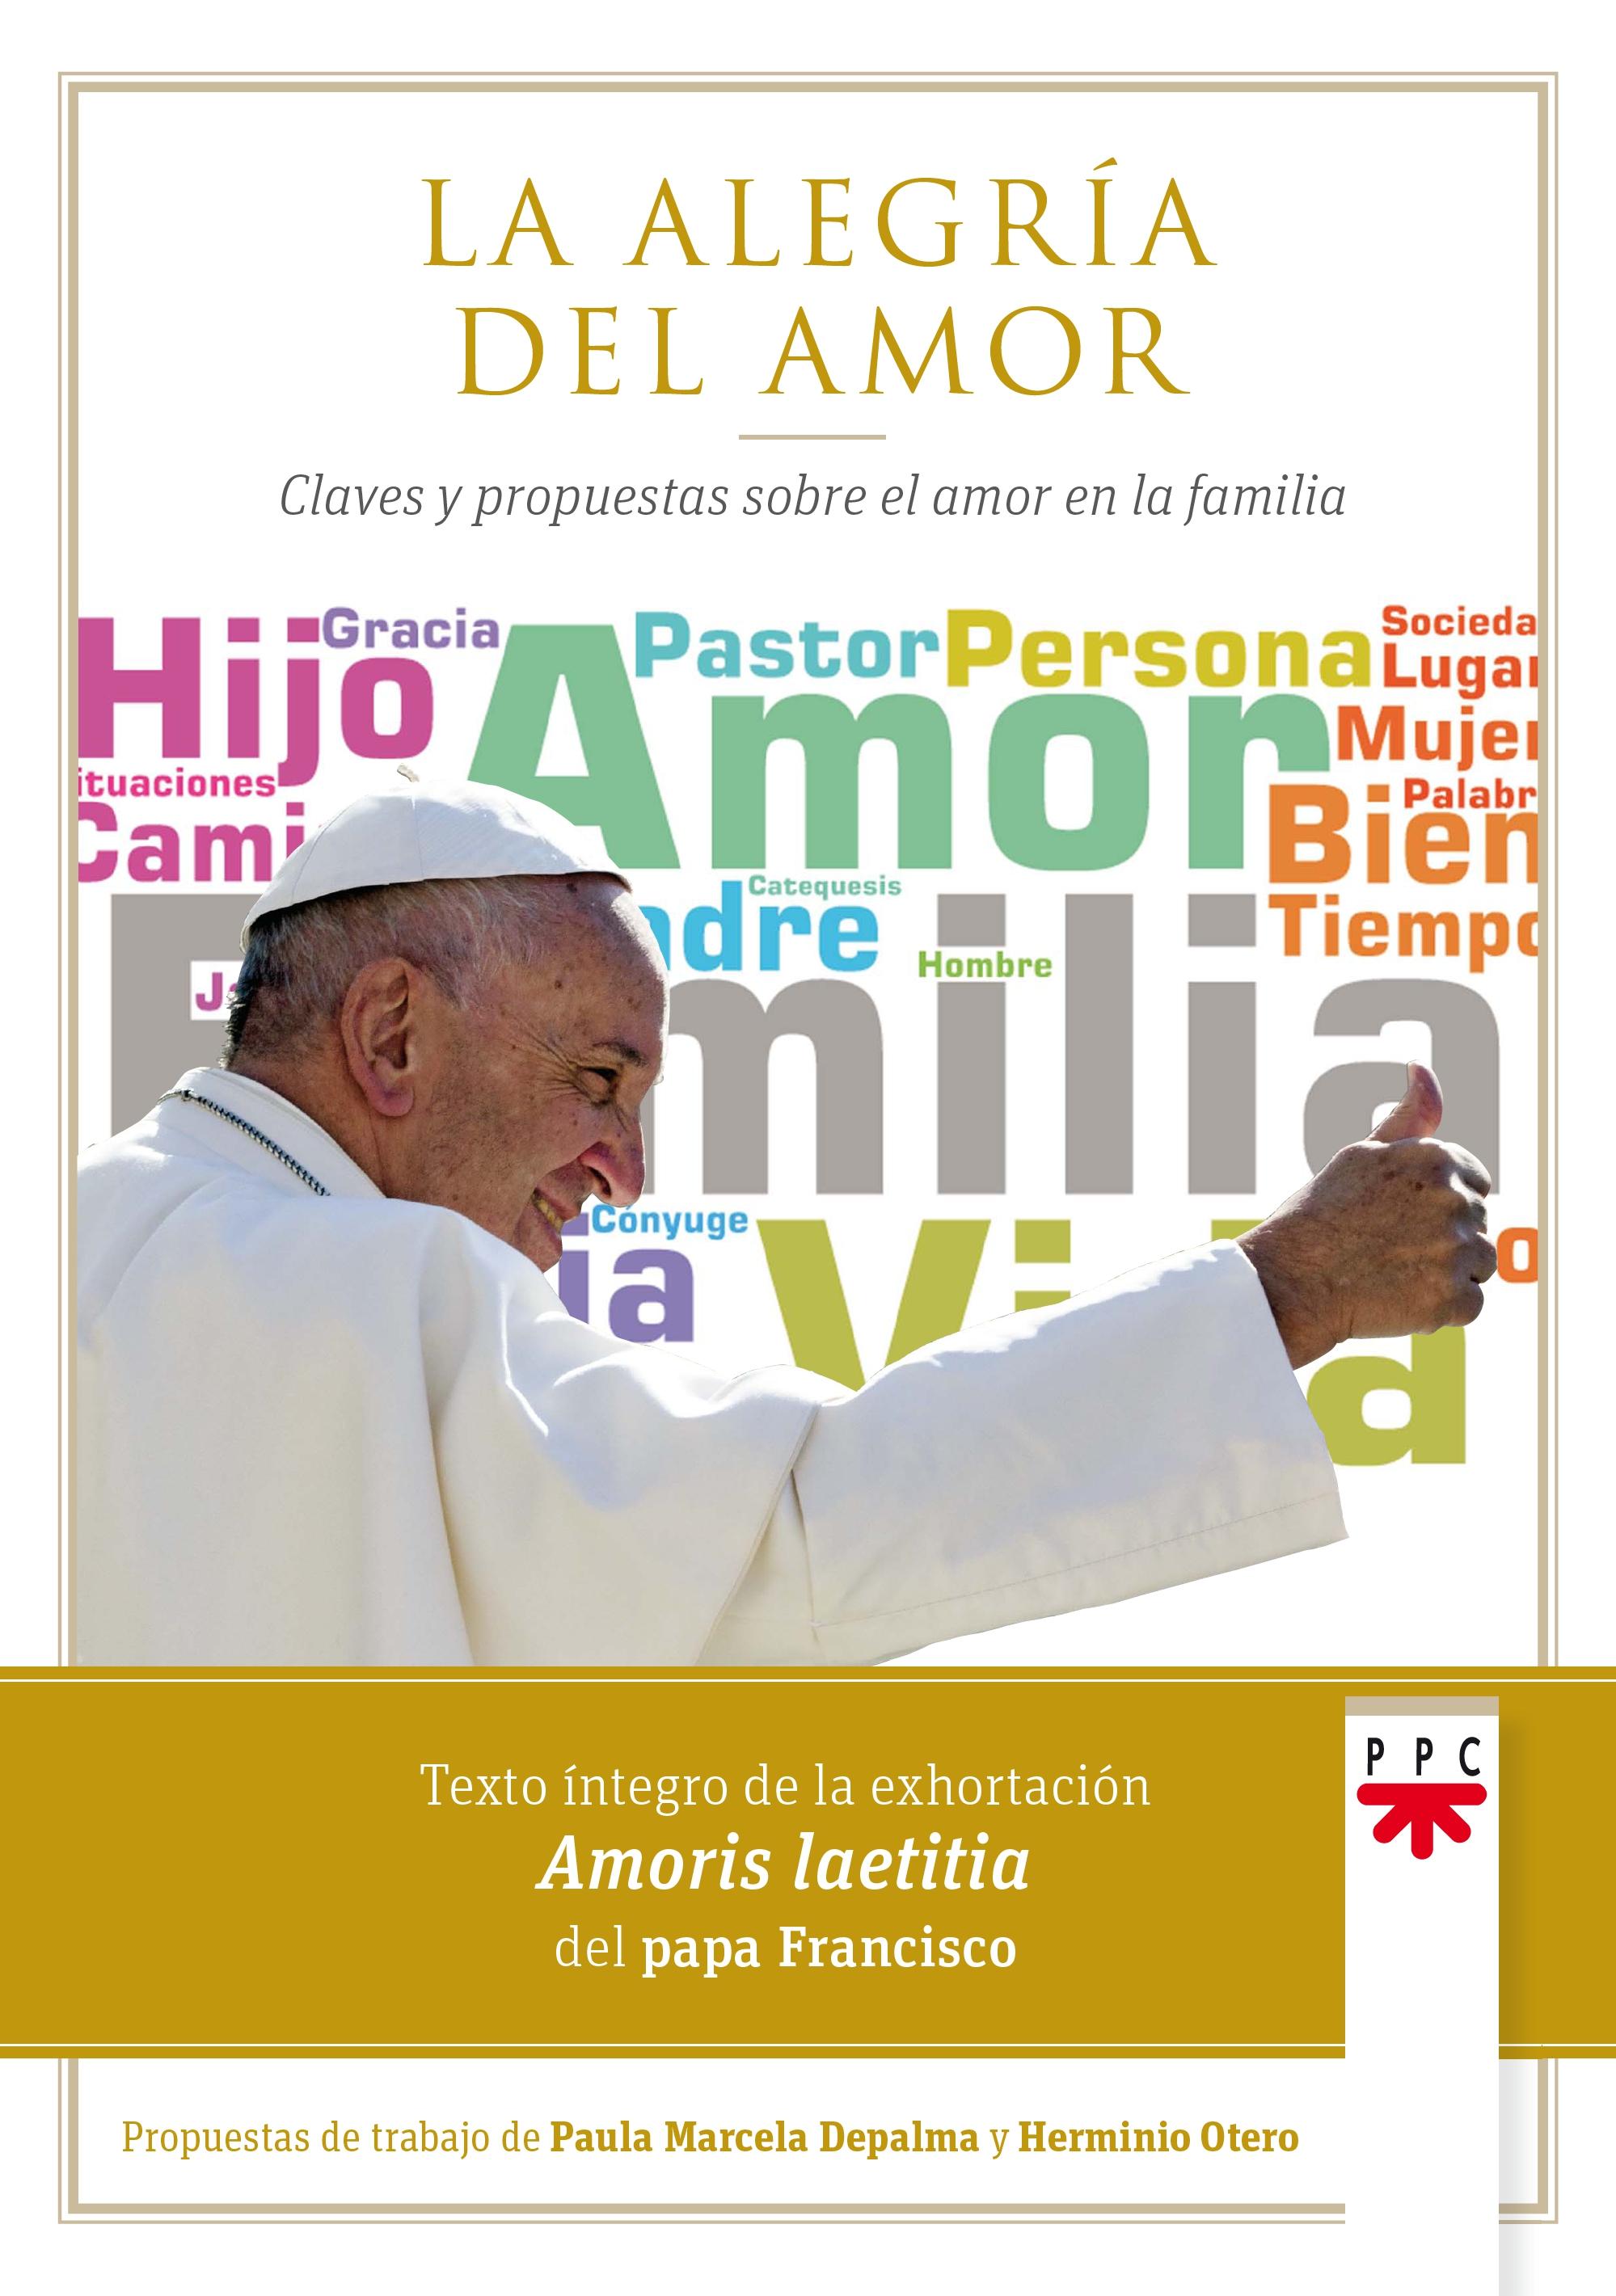 La Alegría del Amor, Formación Humana y Religiosa. Libro